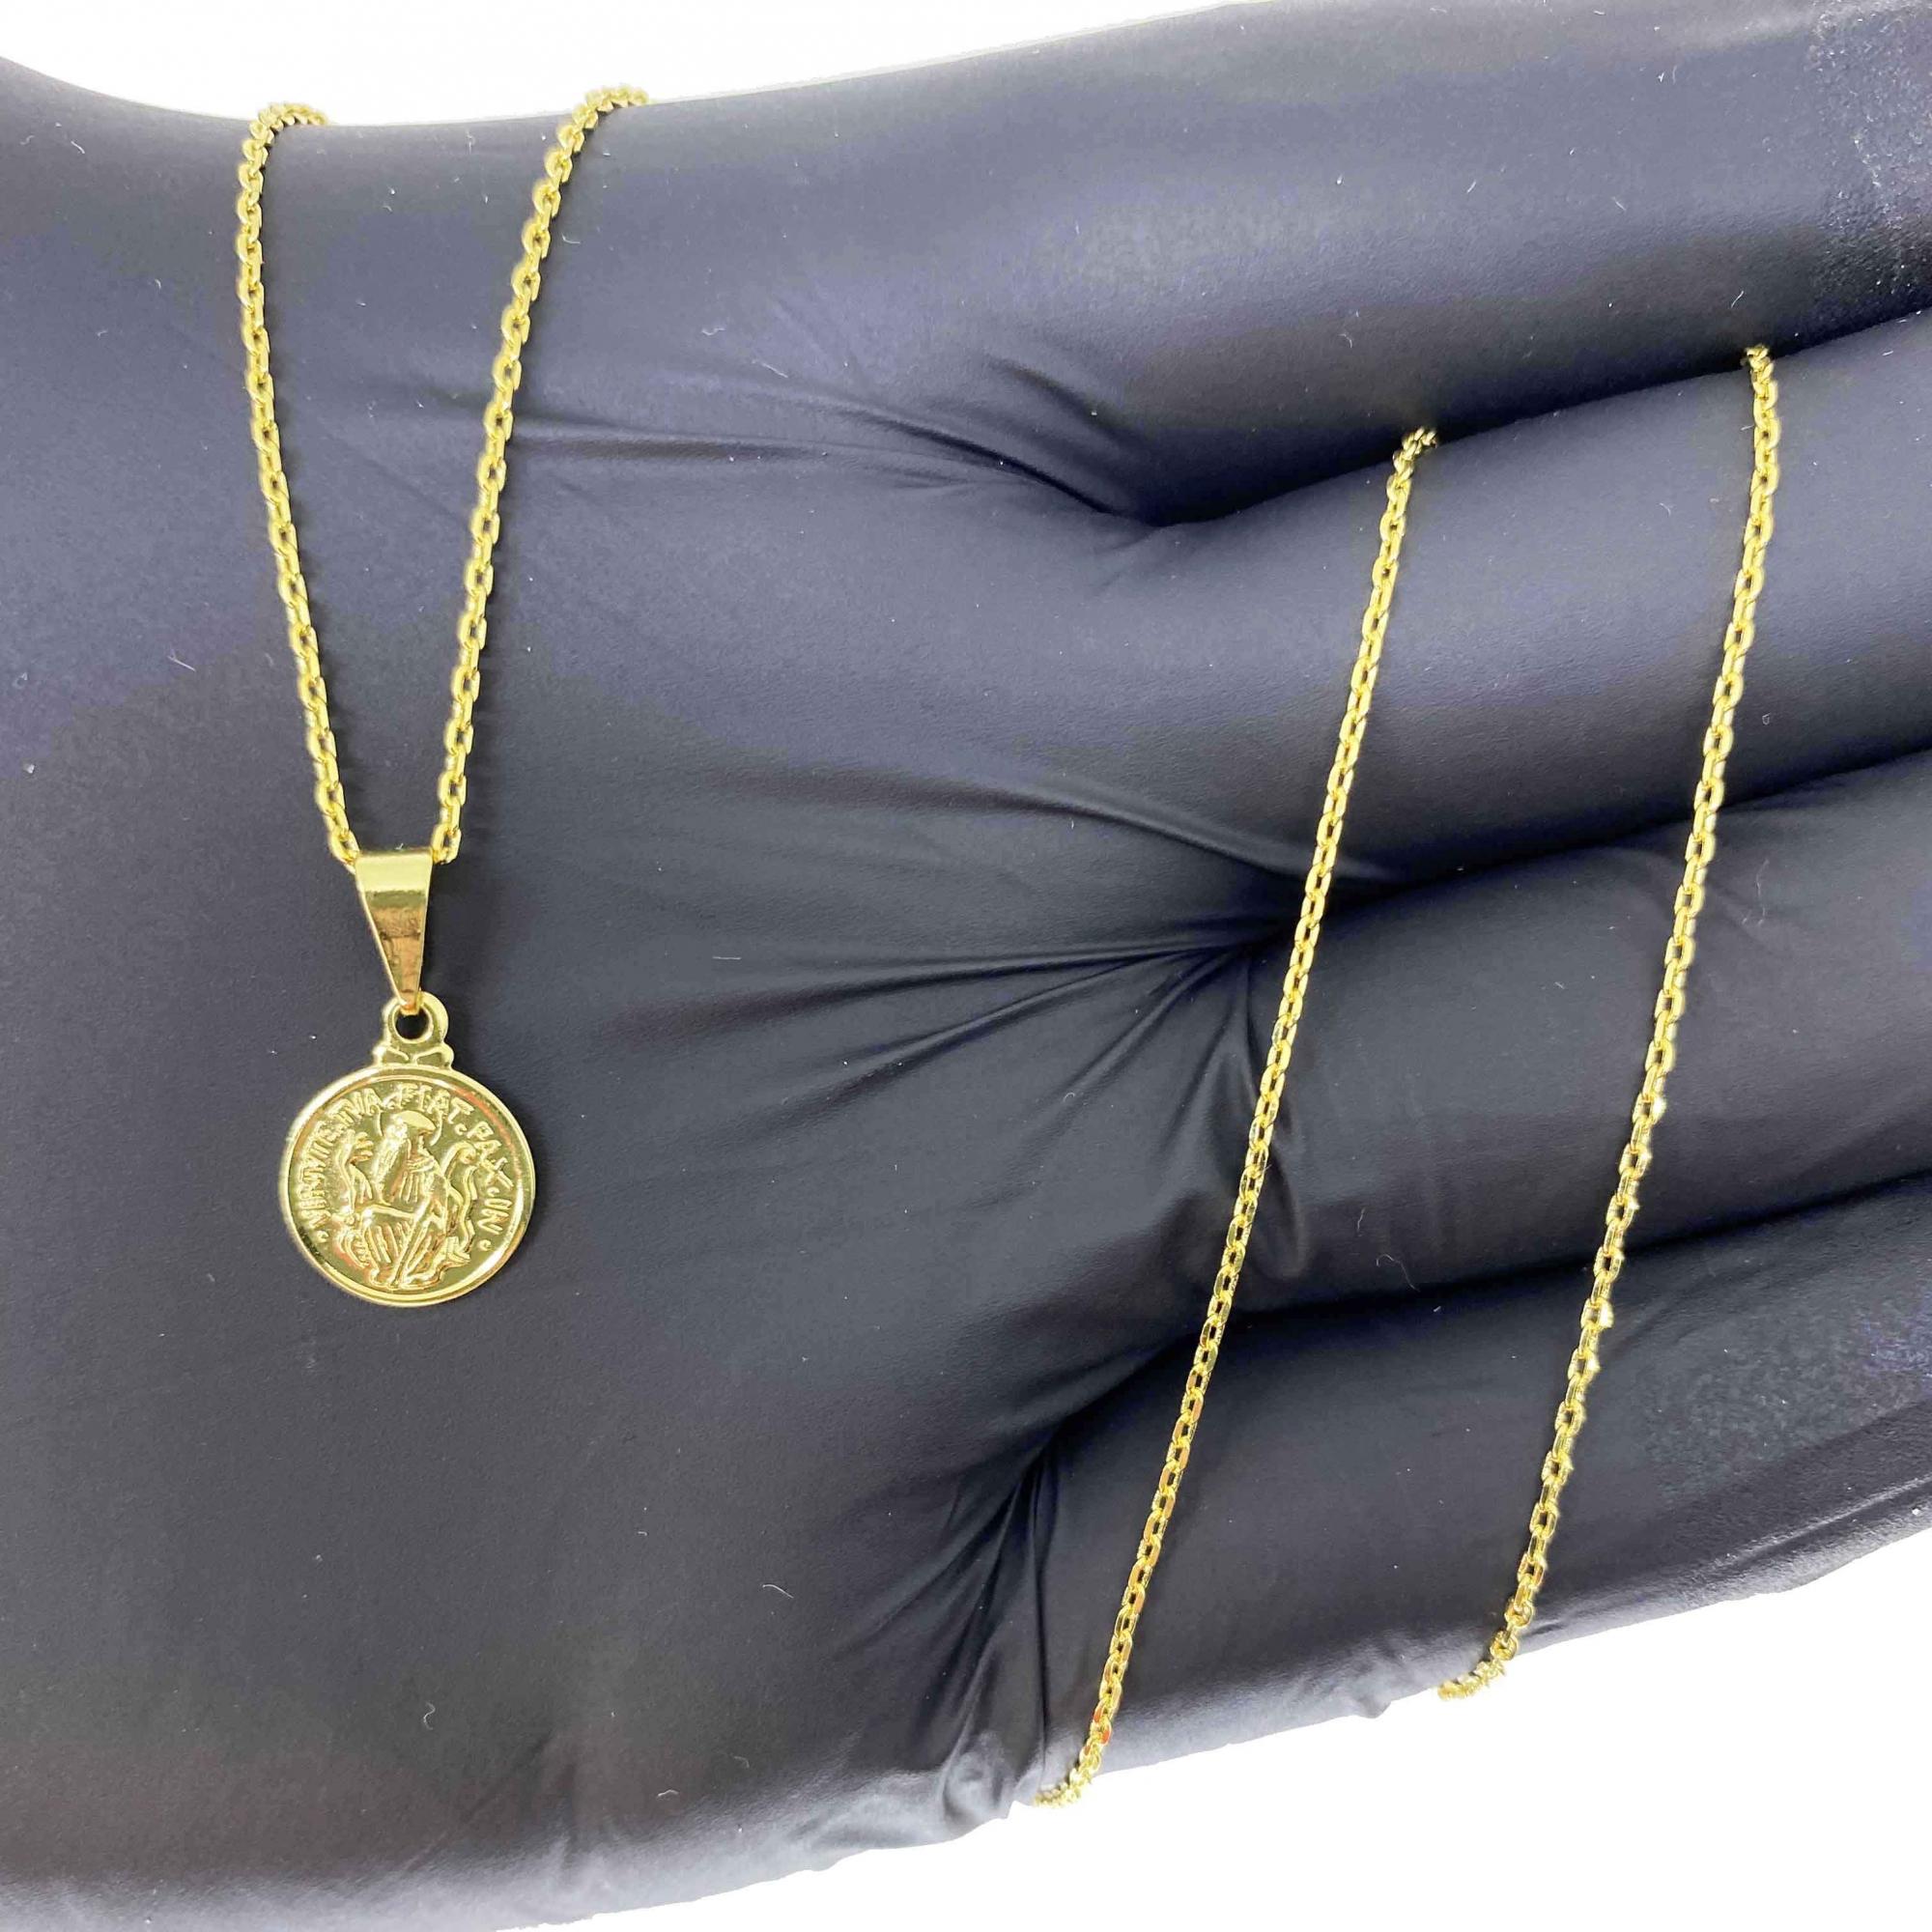 Corrente Cartier Cadeado 1,2mm 70cm (3g) + Pingente São Bento 1,1X1,1cm (1g) (Banho Ouro 18k)